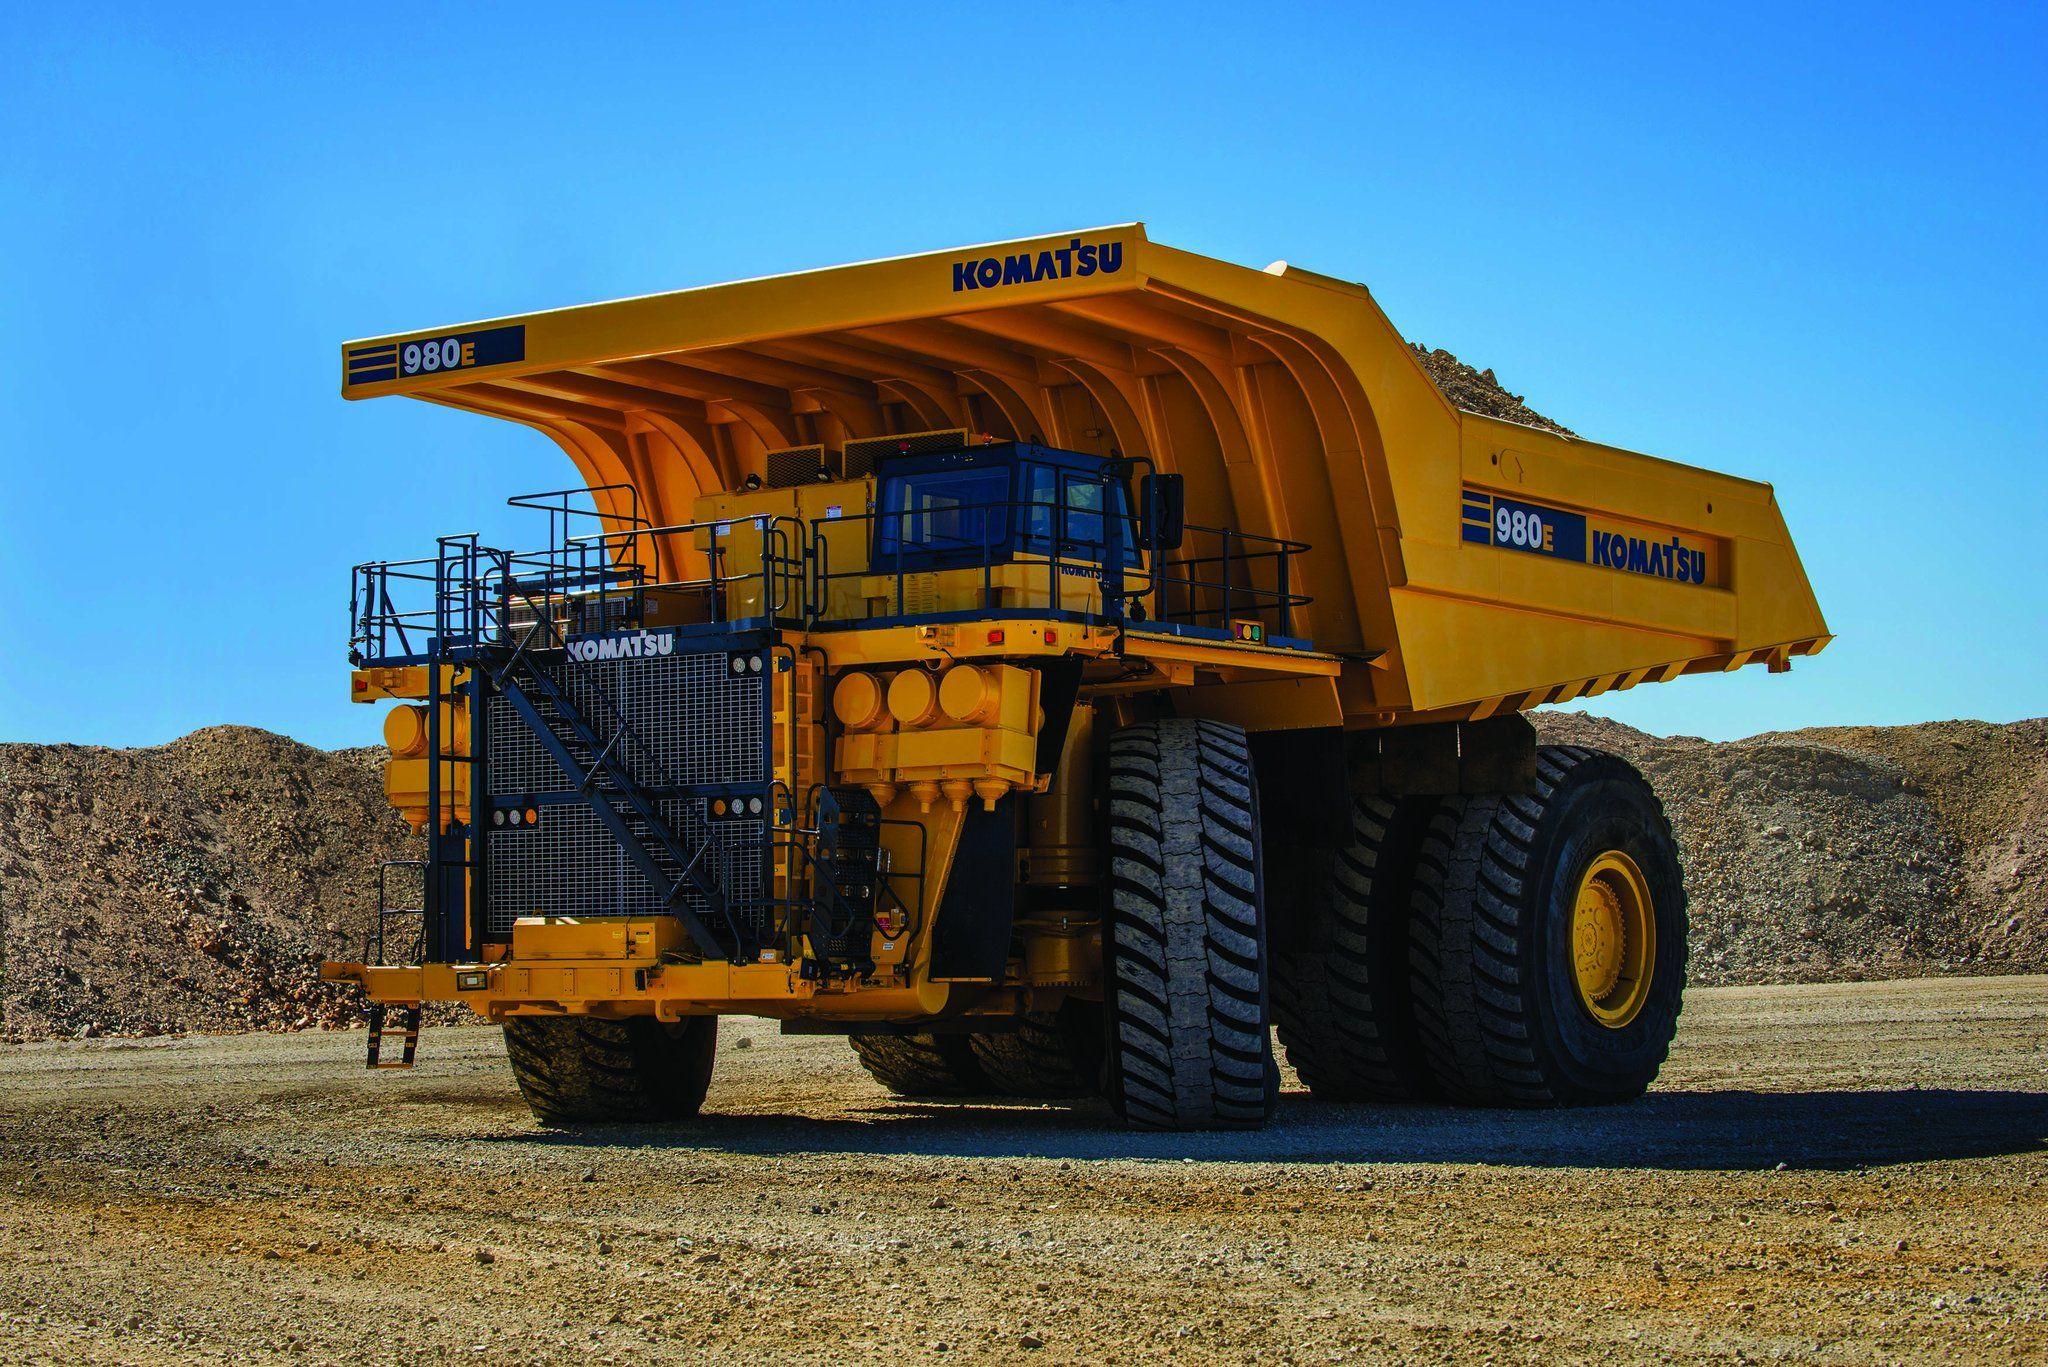 Komatsu 3500 Hp 400 Ton Payload 980e 4 Mining Electric Haul Truck